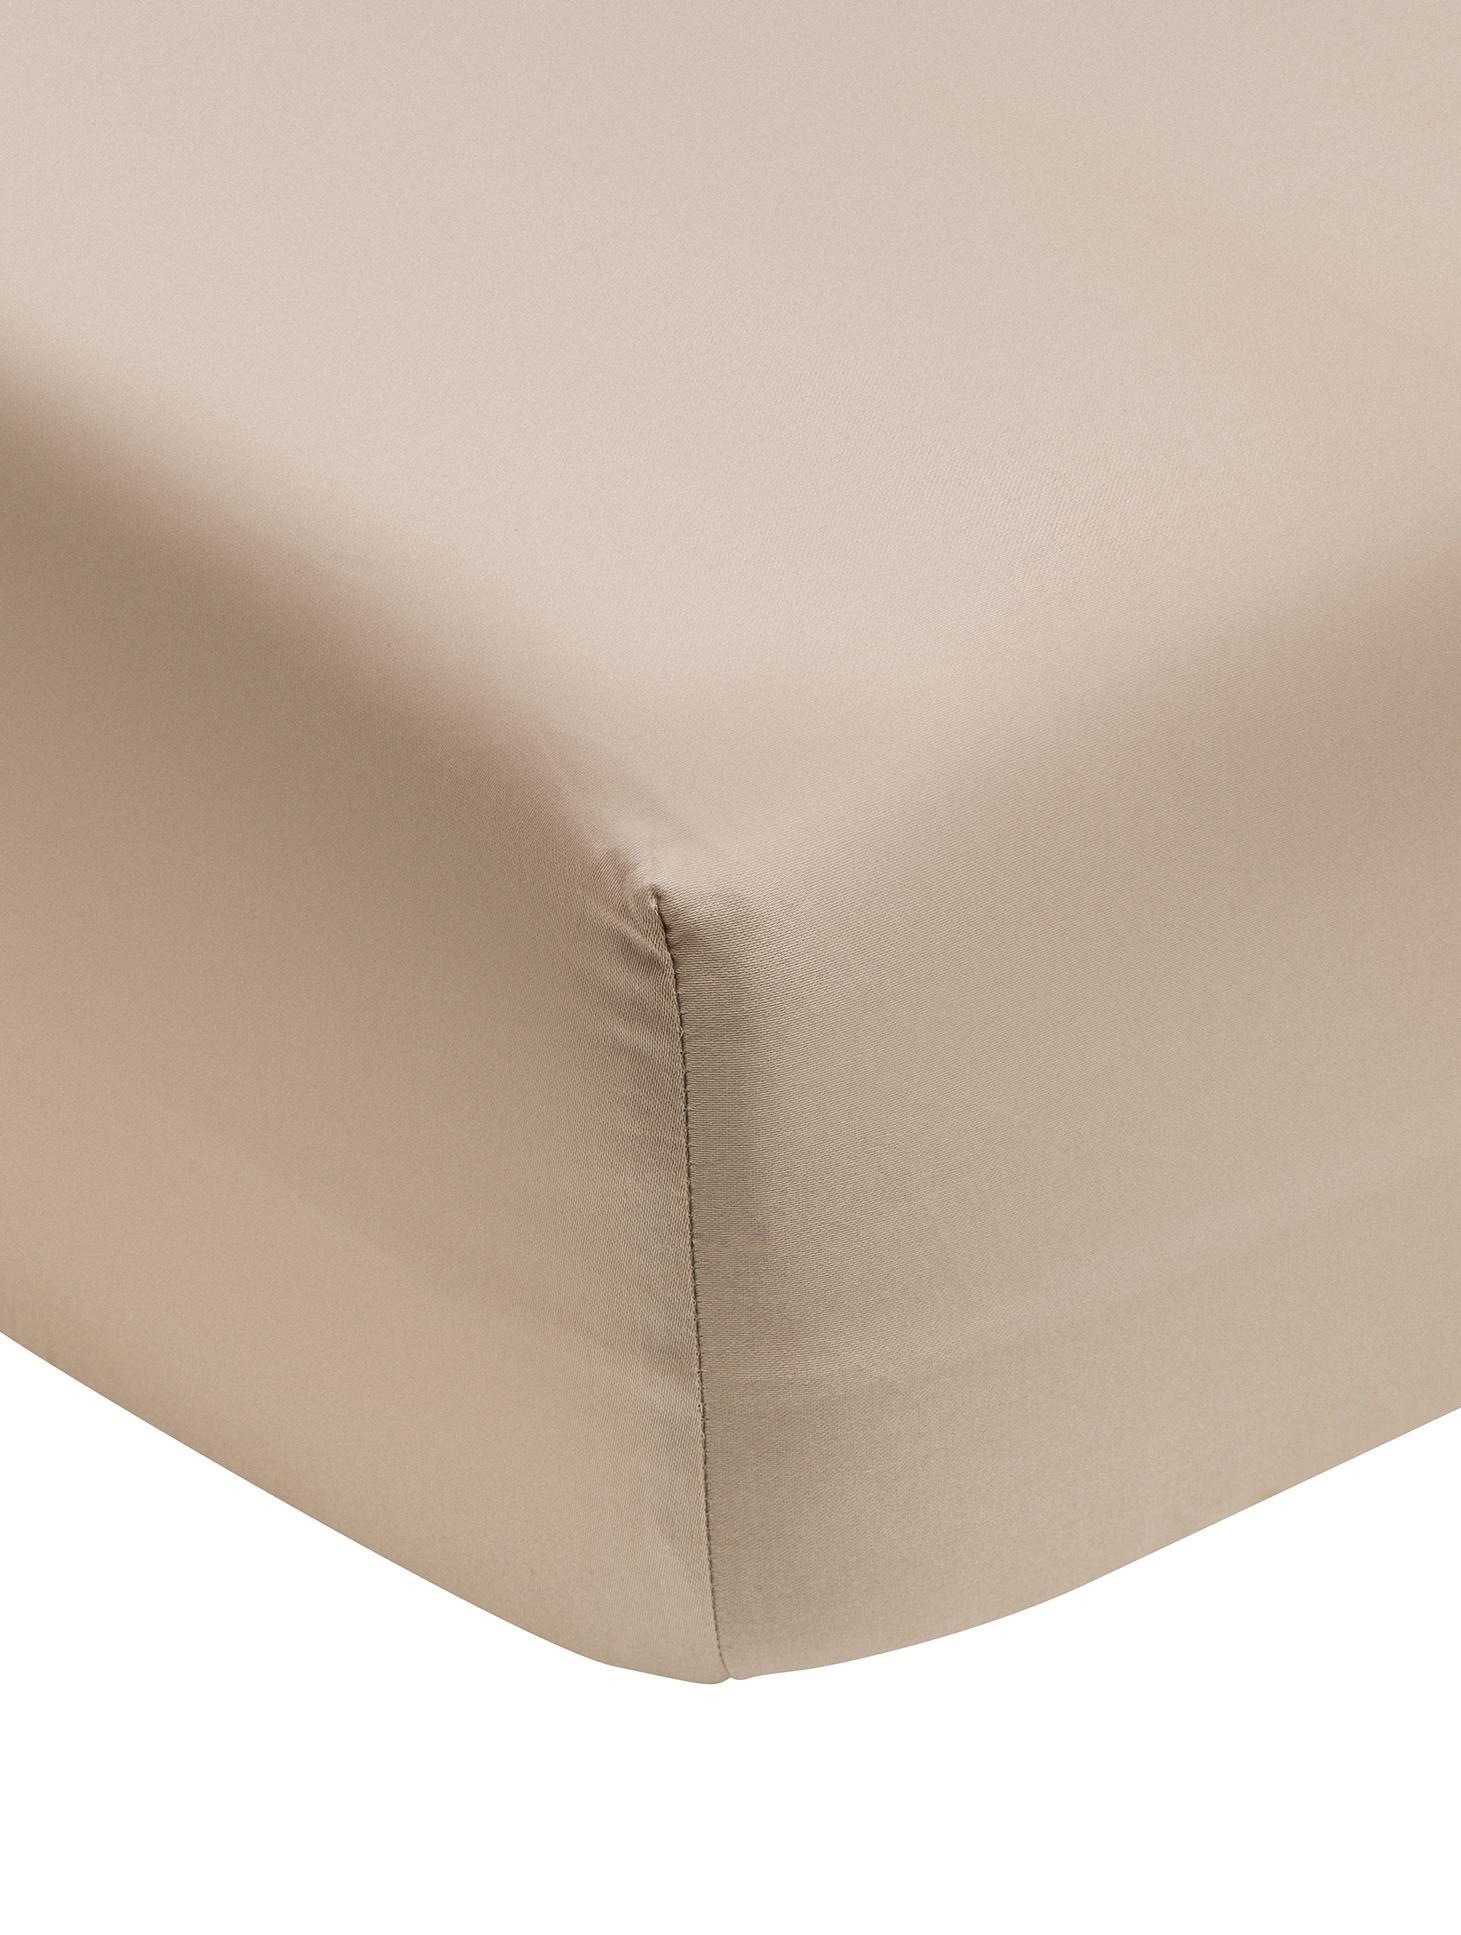 Spannbettlaken Premium in Taupe, Baumwollsatin, Webart: Satin, leicht glänzend, Taupe, 160 x 200 cm